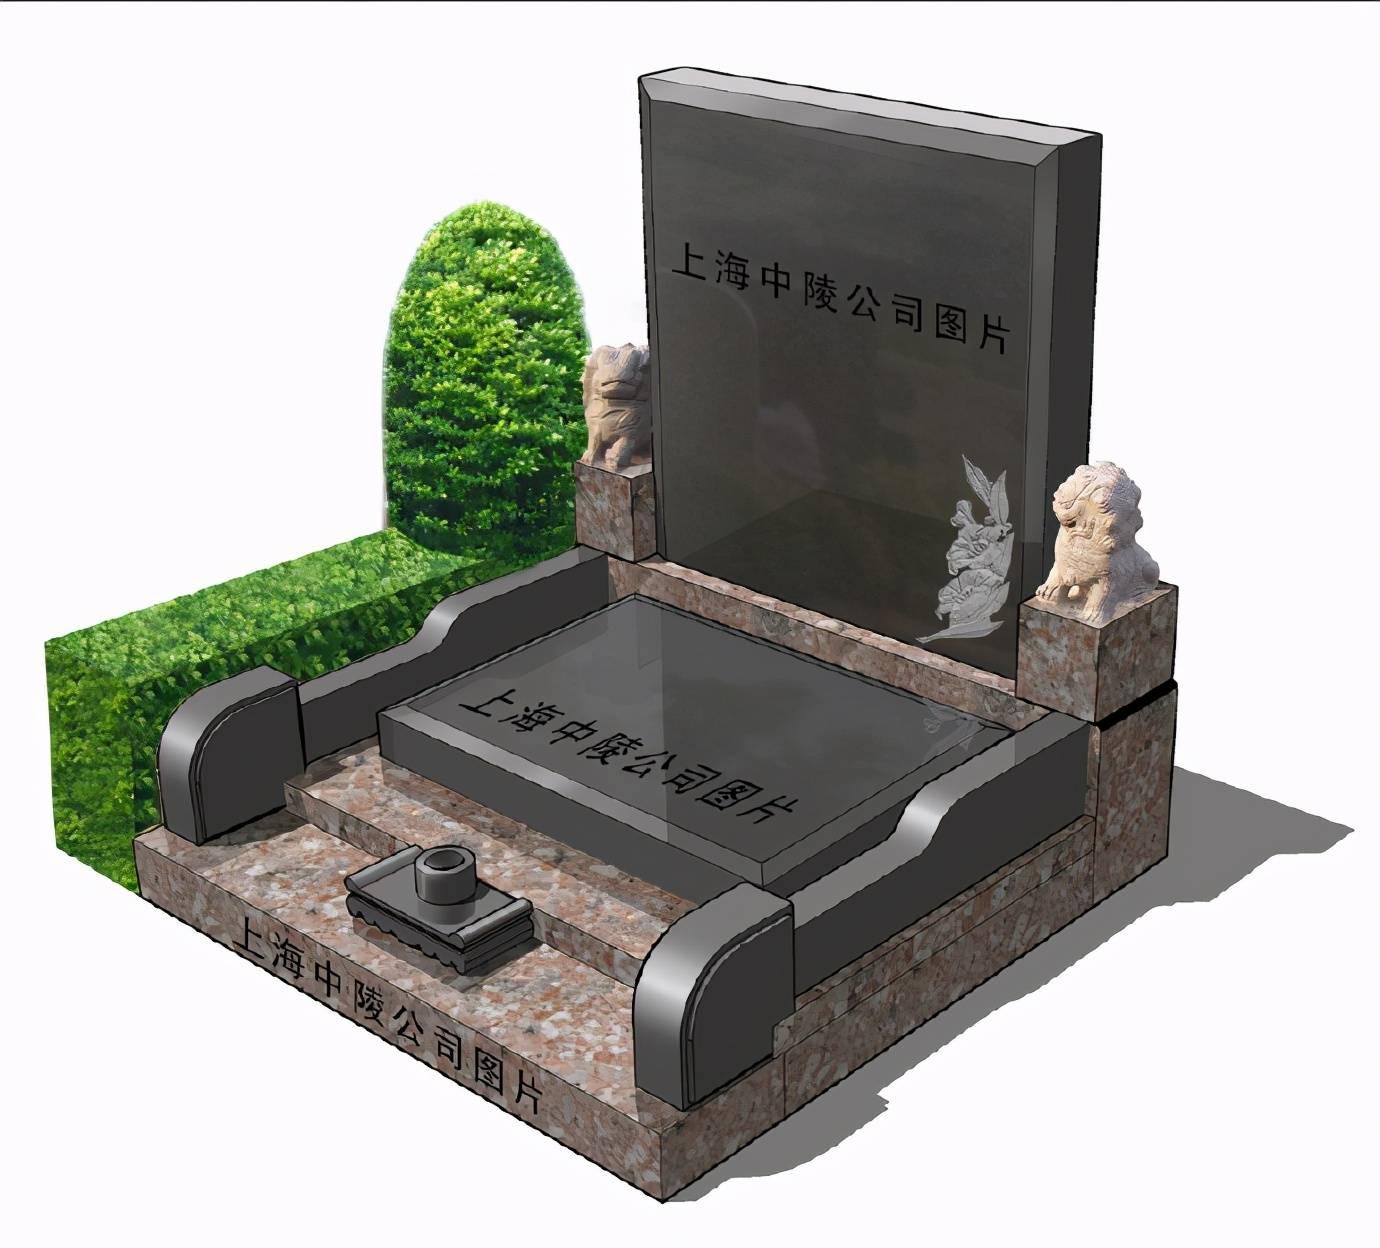 欧宝app登录: 慕柏网:墓碑设计分享(图3)